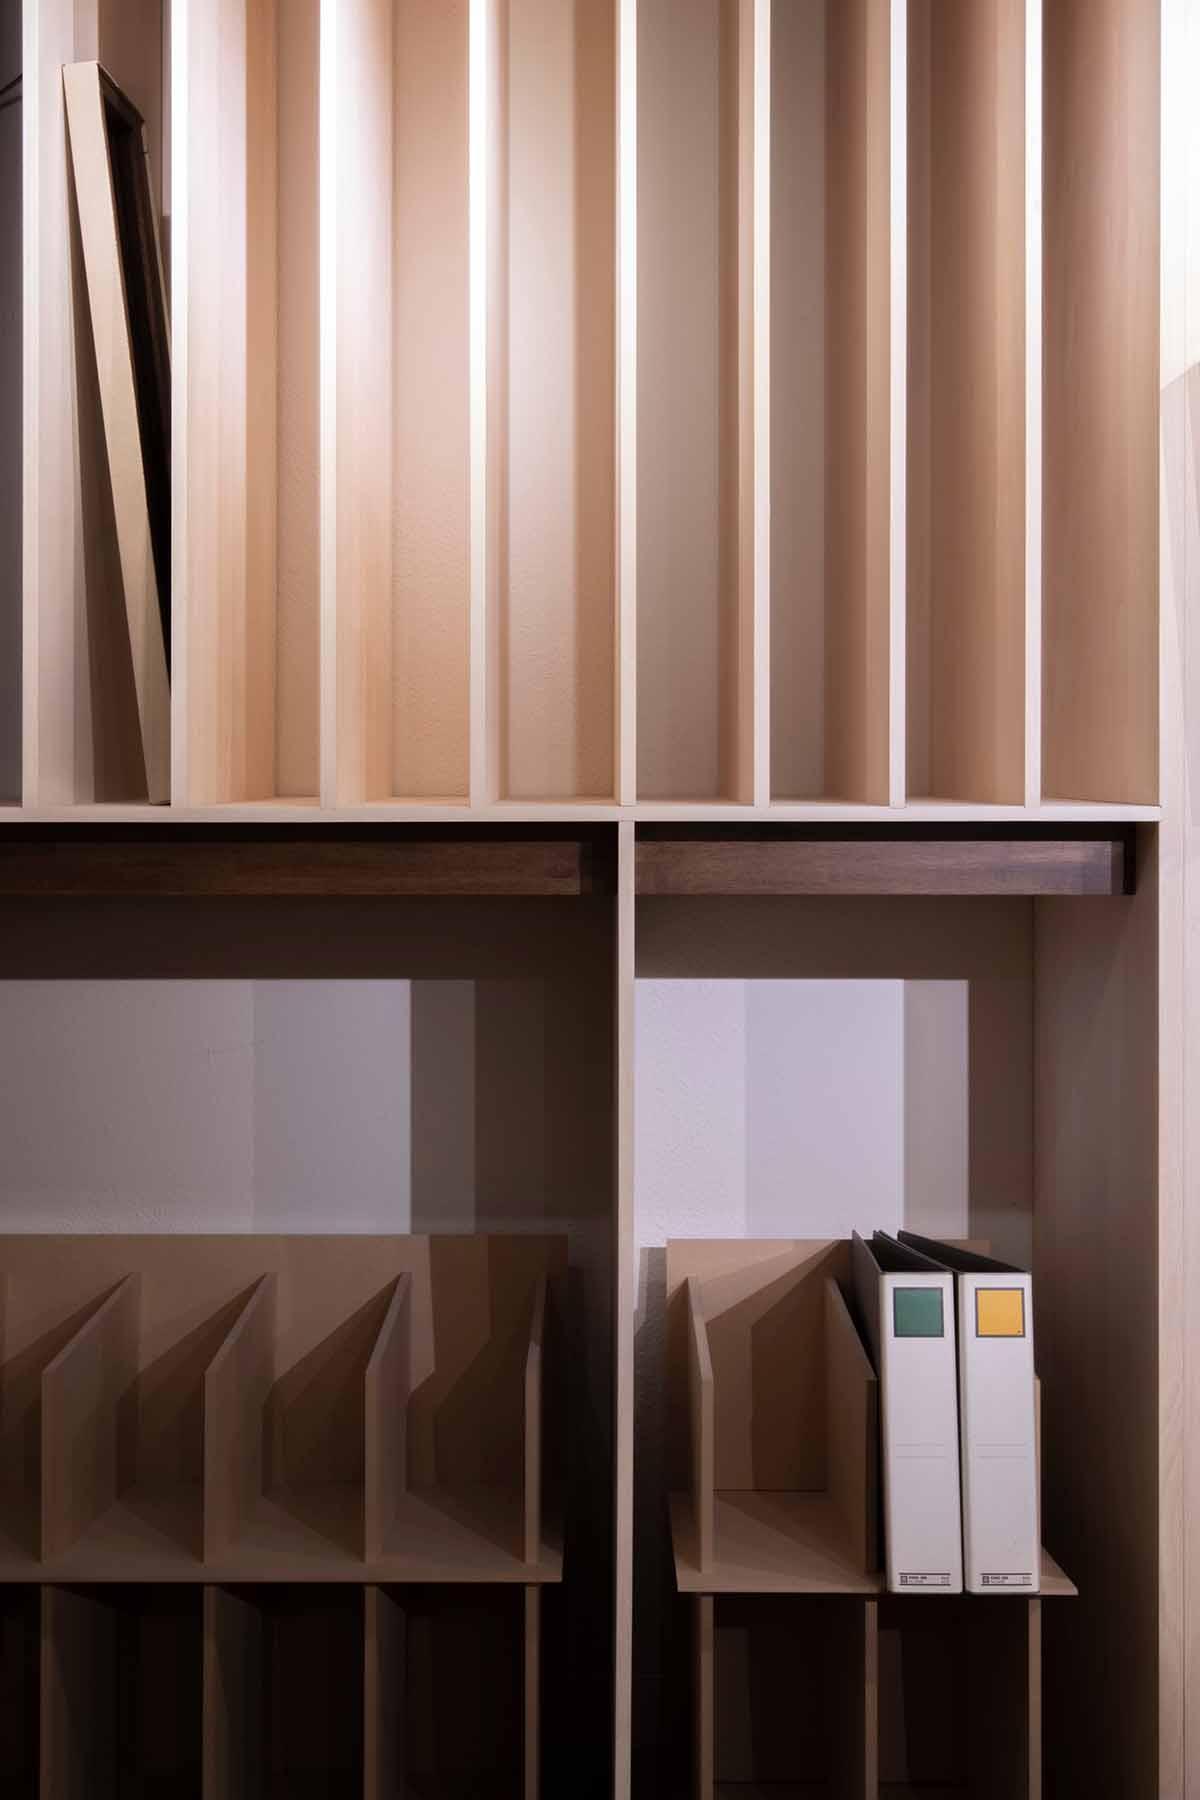 商品展示収納のためのディスプレイ | マルゲリータ 東京ショールーム (No.04) | マルゲリータ使用例